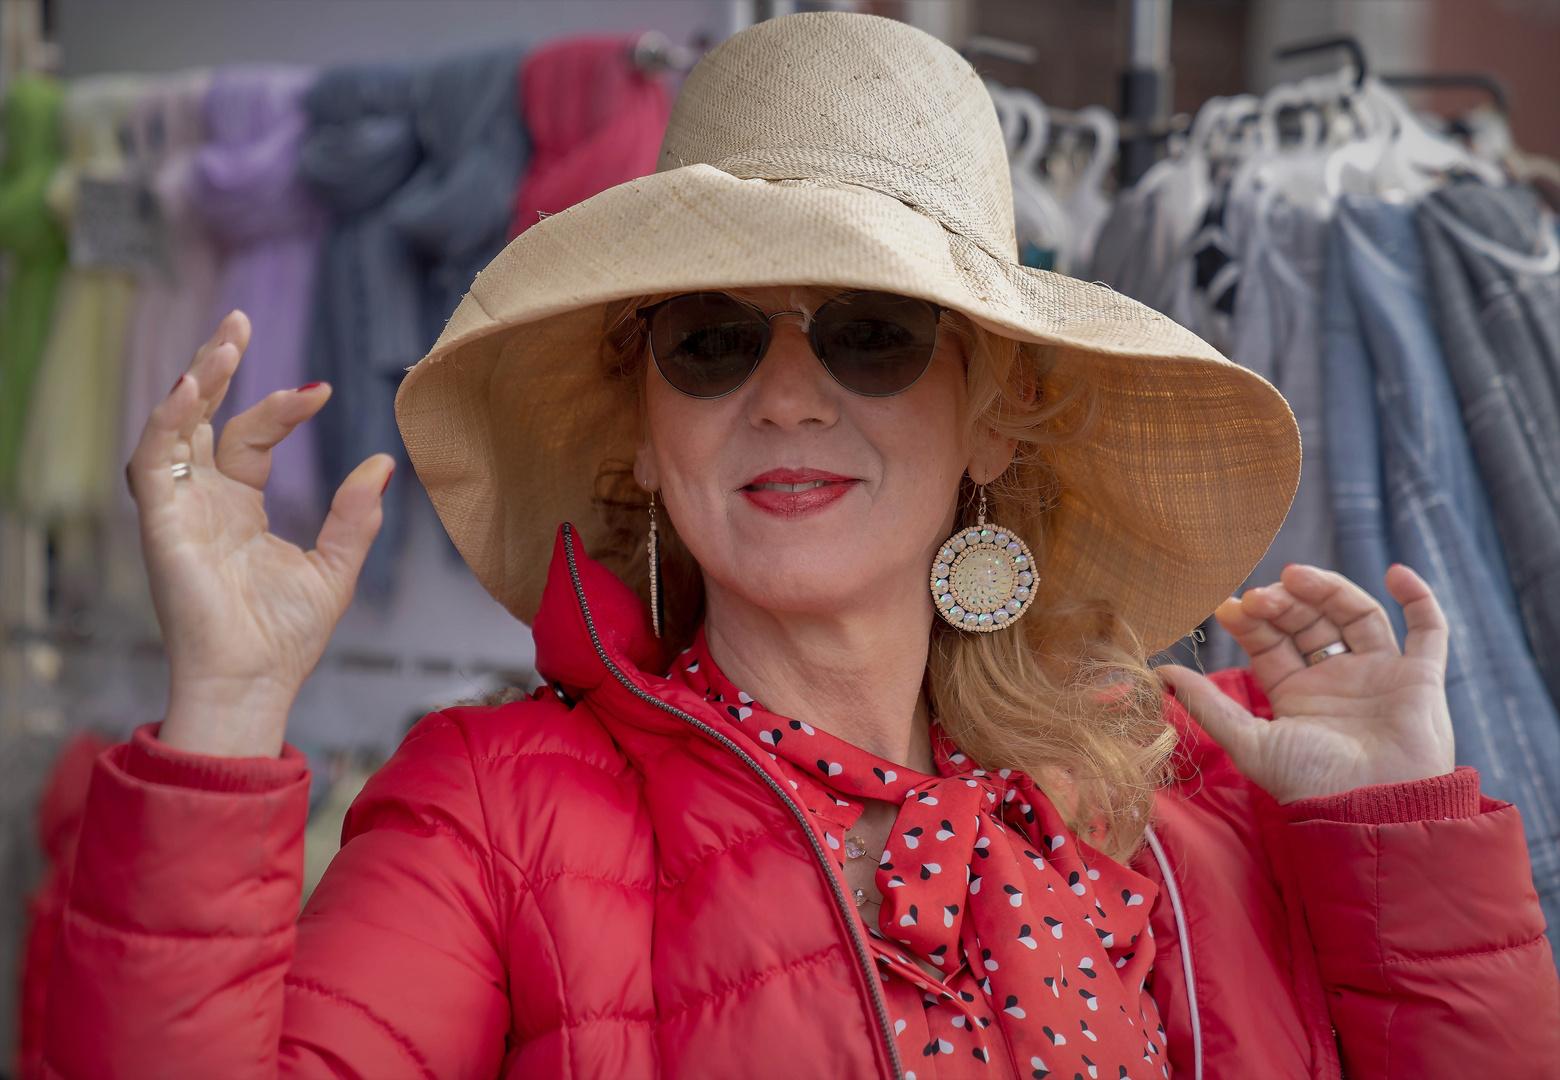 Cappelli fantastici....... A Venezia....